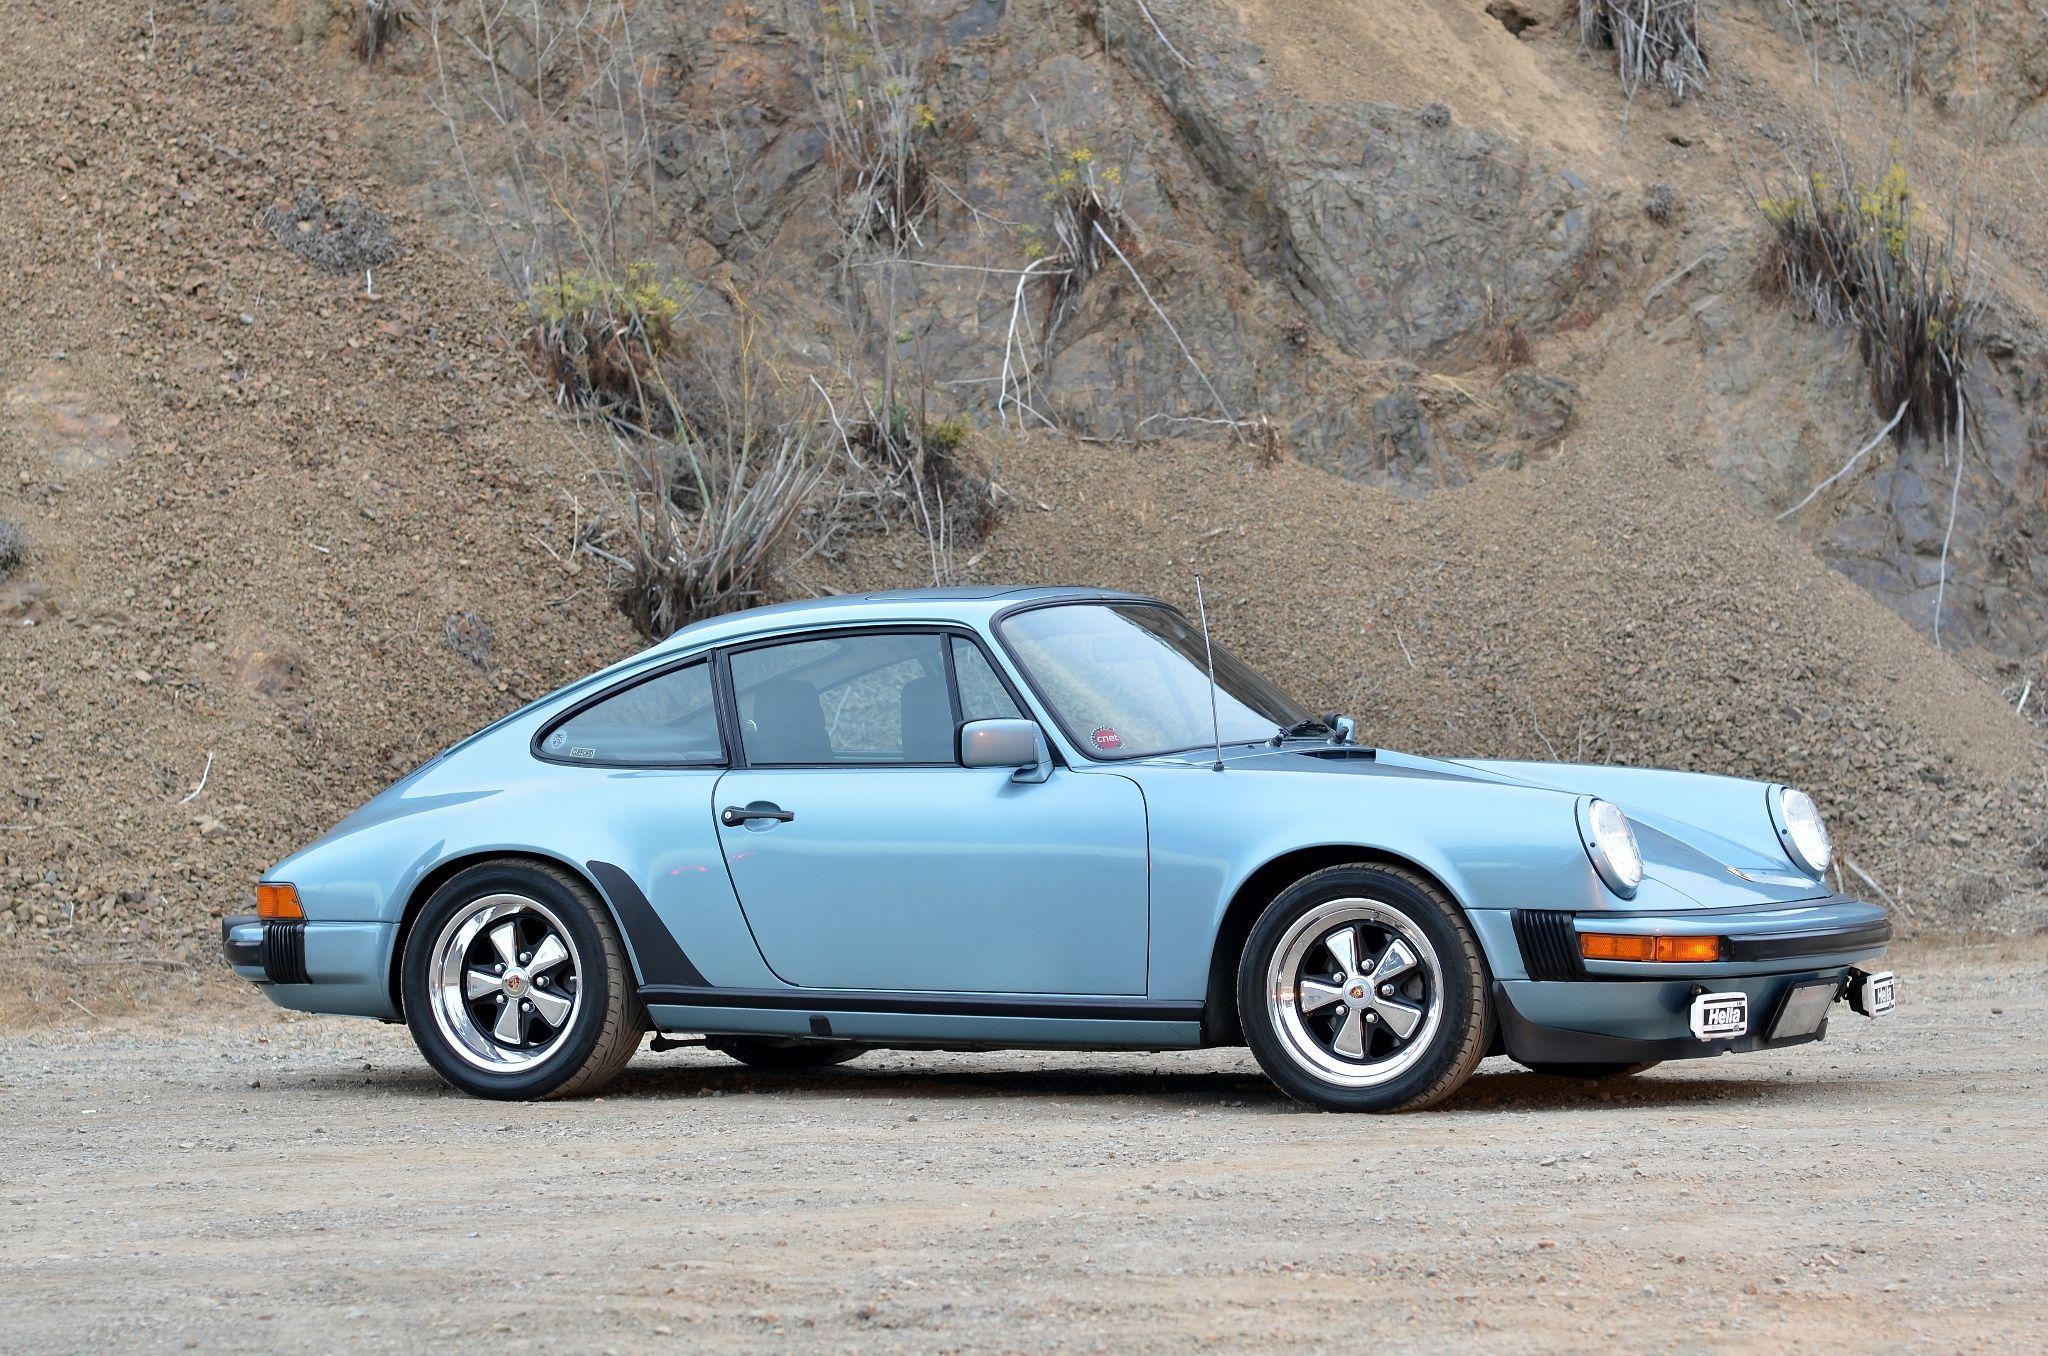 1981 Porsche 911sc Coupe In 2020 Vintage Porsche Classic Porsche Porsche